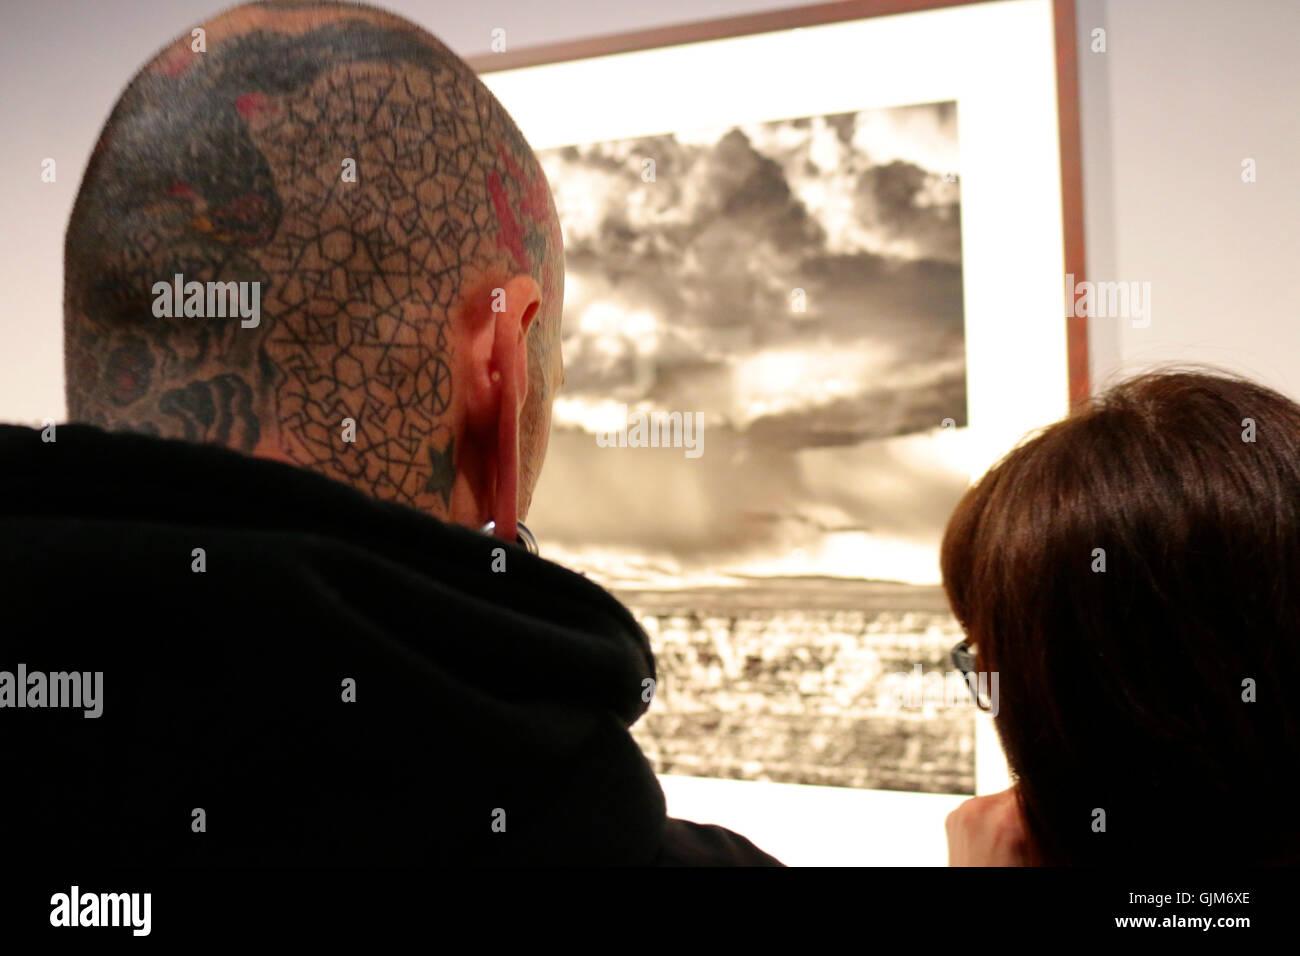 """Impressionen - Eroeffnung der Ausstellung """"Genesis"""" von Sebastiao Salgado, co Berlin, 17. April 2015, Stockbild"""